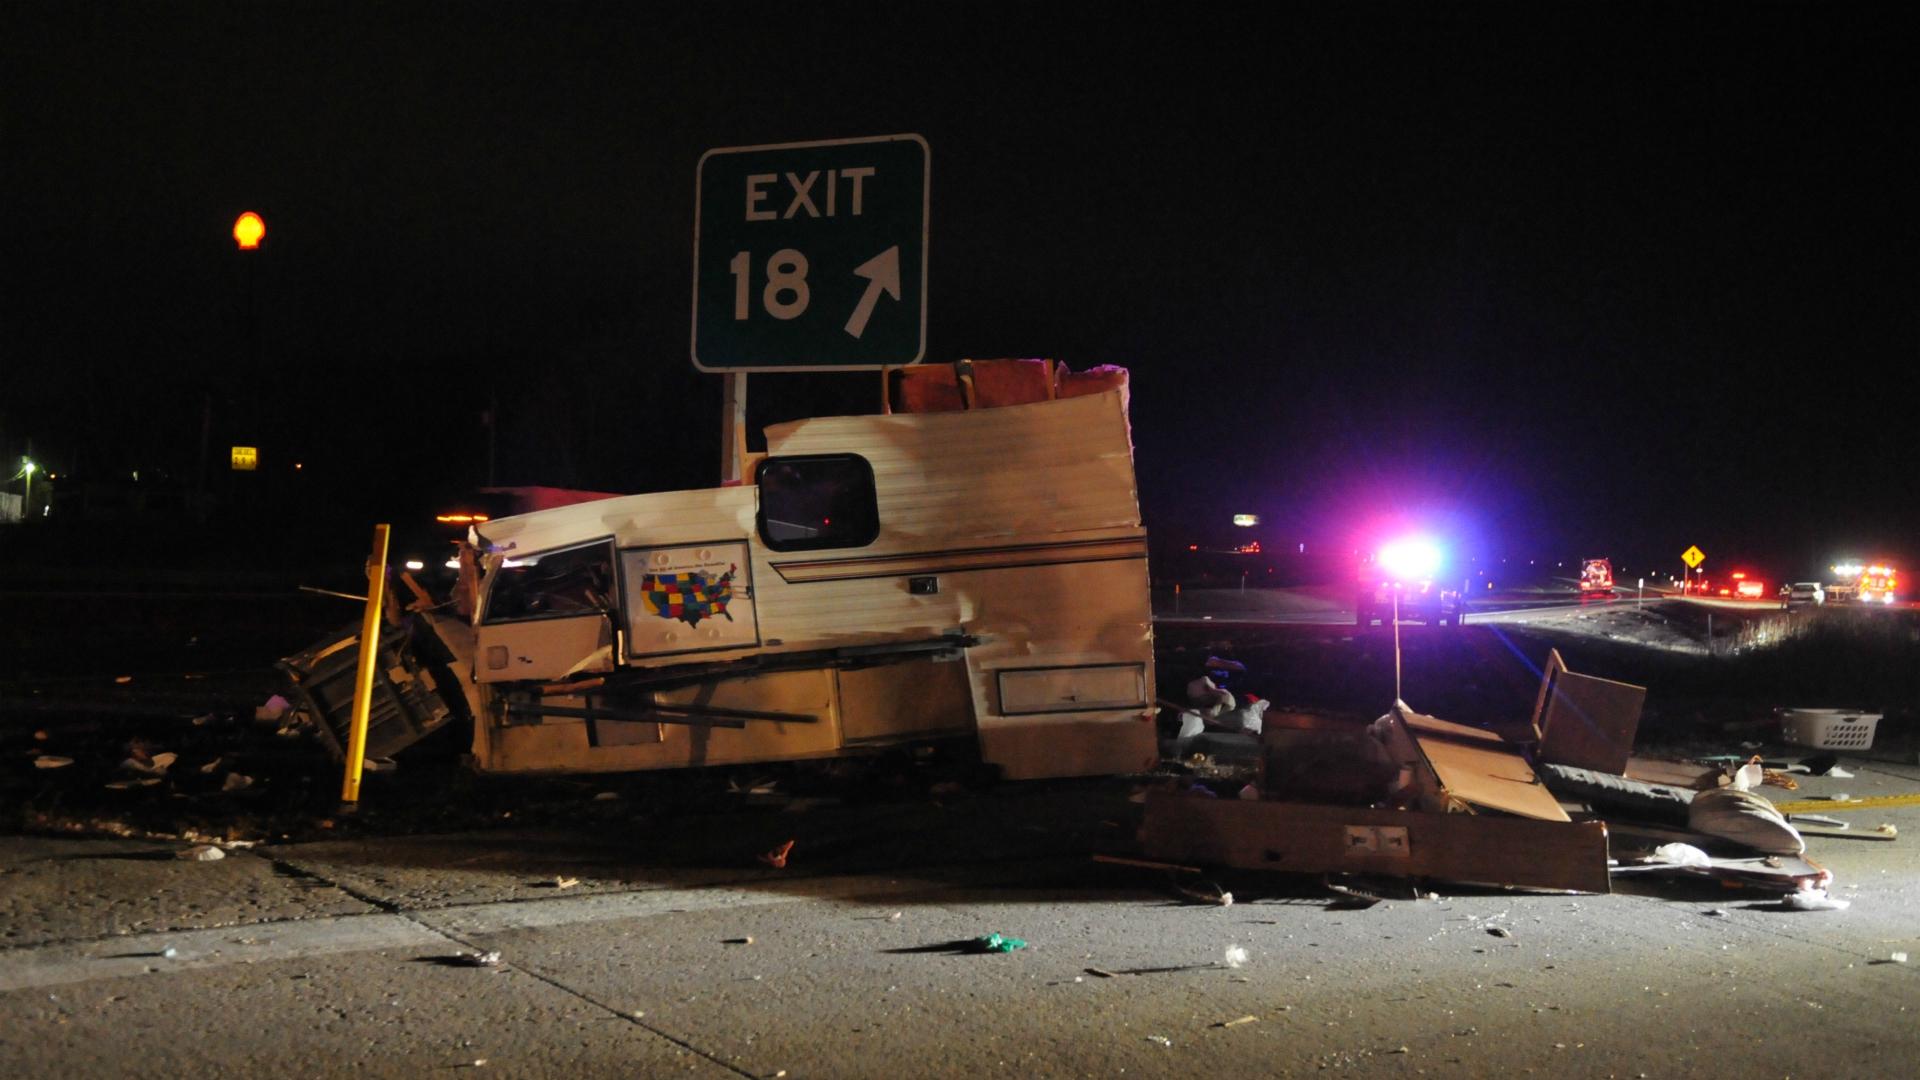 south haven township I-196 camper crash